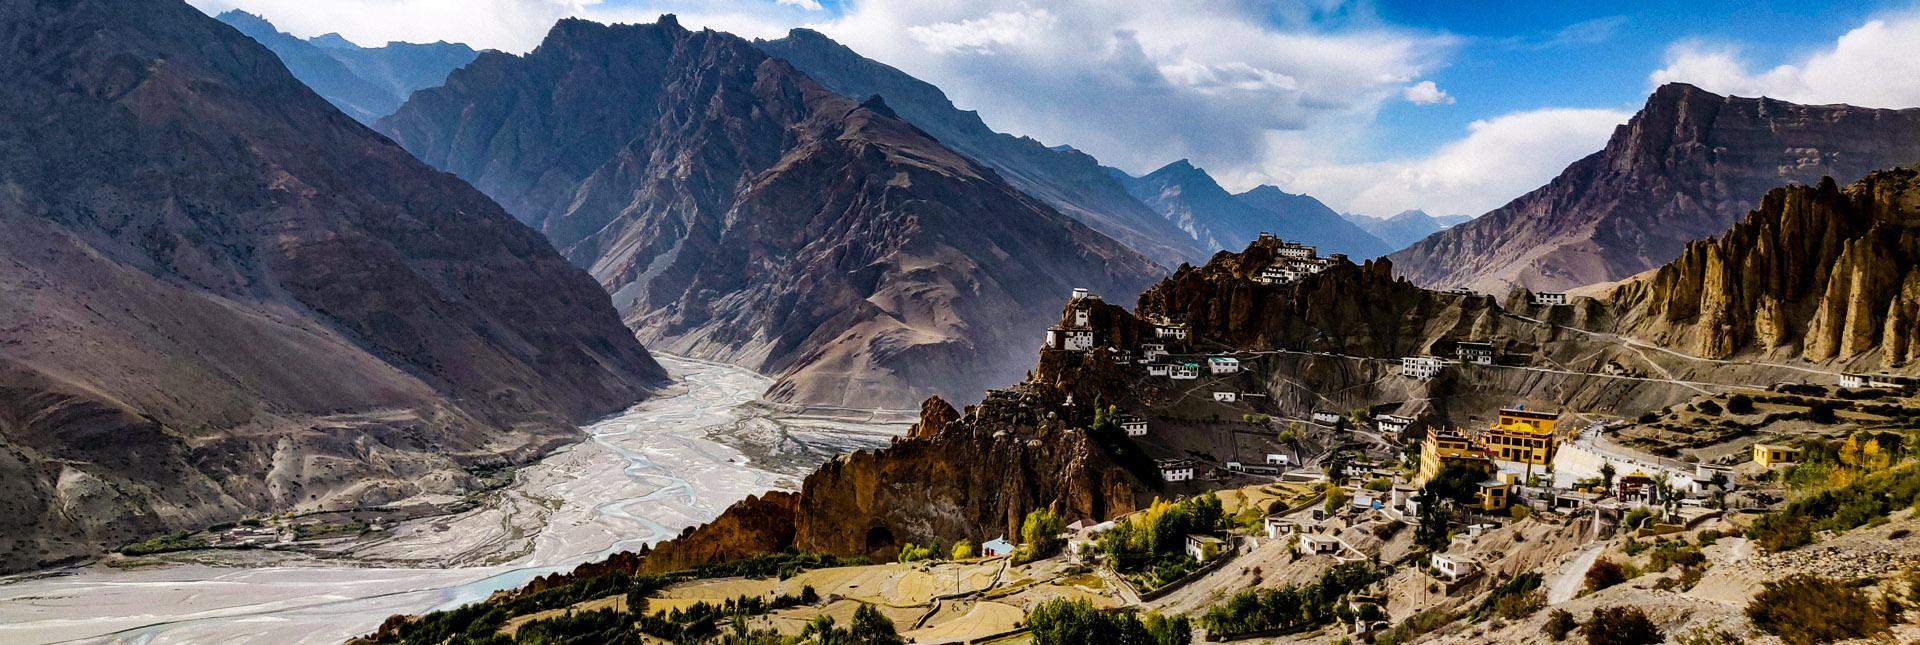 Chadar Trek – changing landscape of the Zanskar river